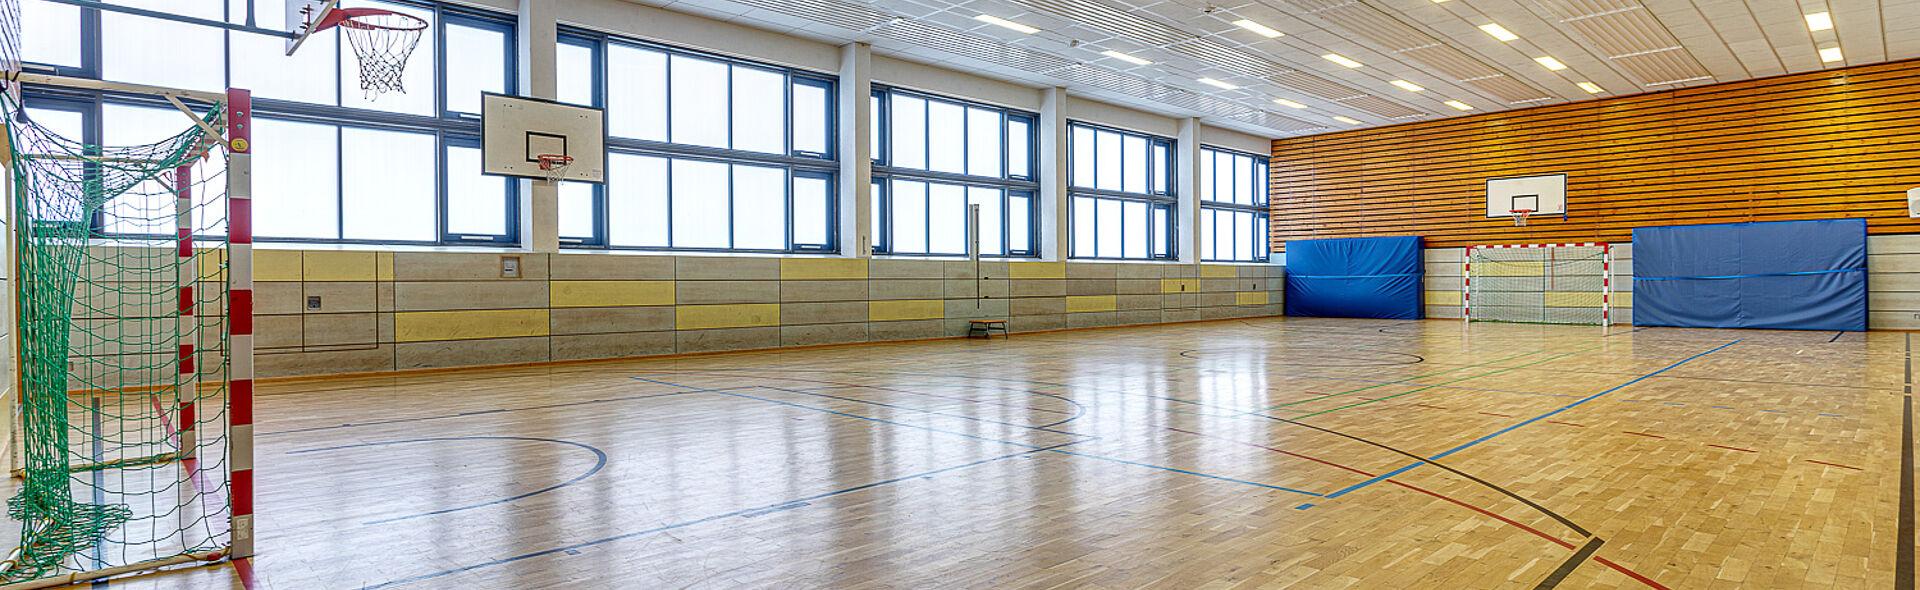 Spielhalle Bundesstützpunkt Oberwiesenthal Trainingszentrum